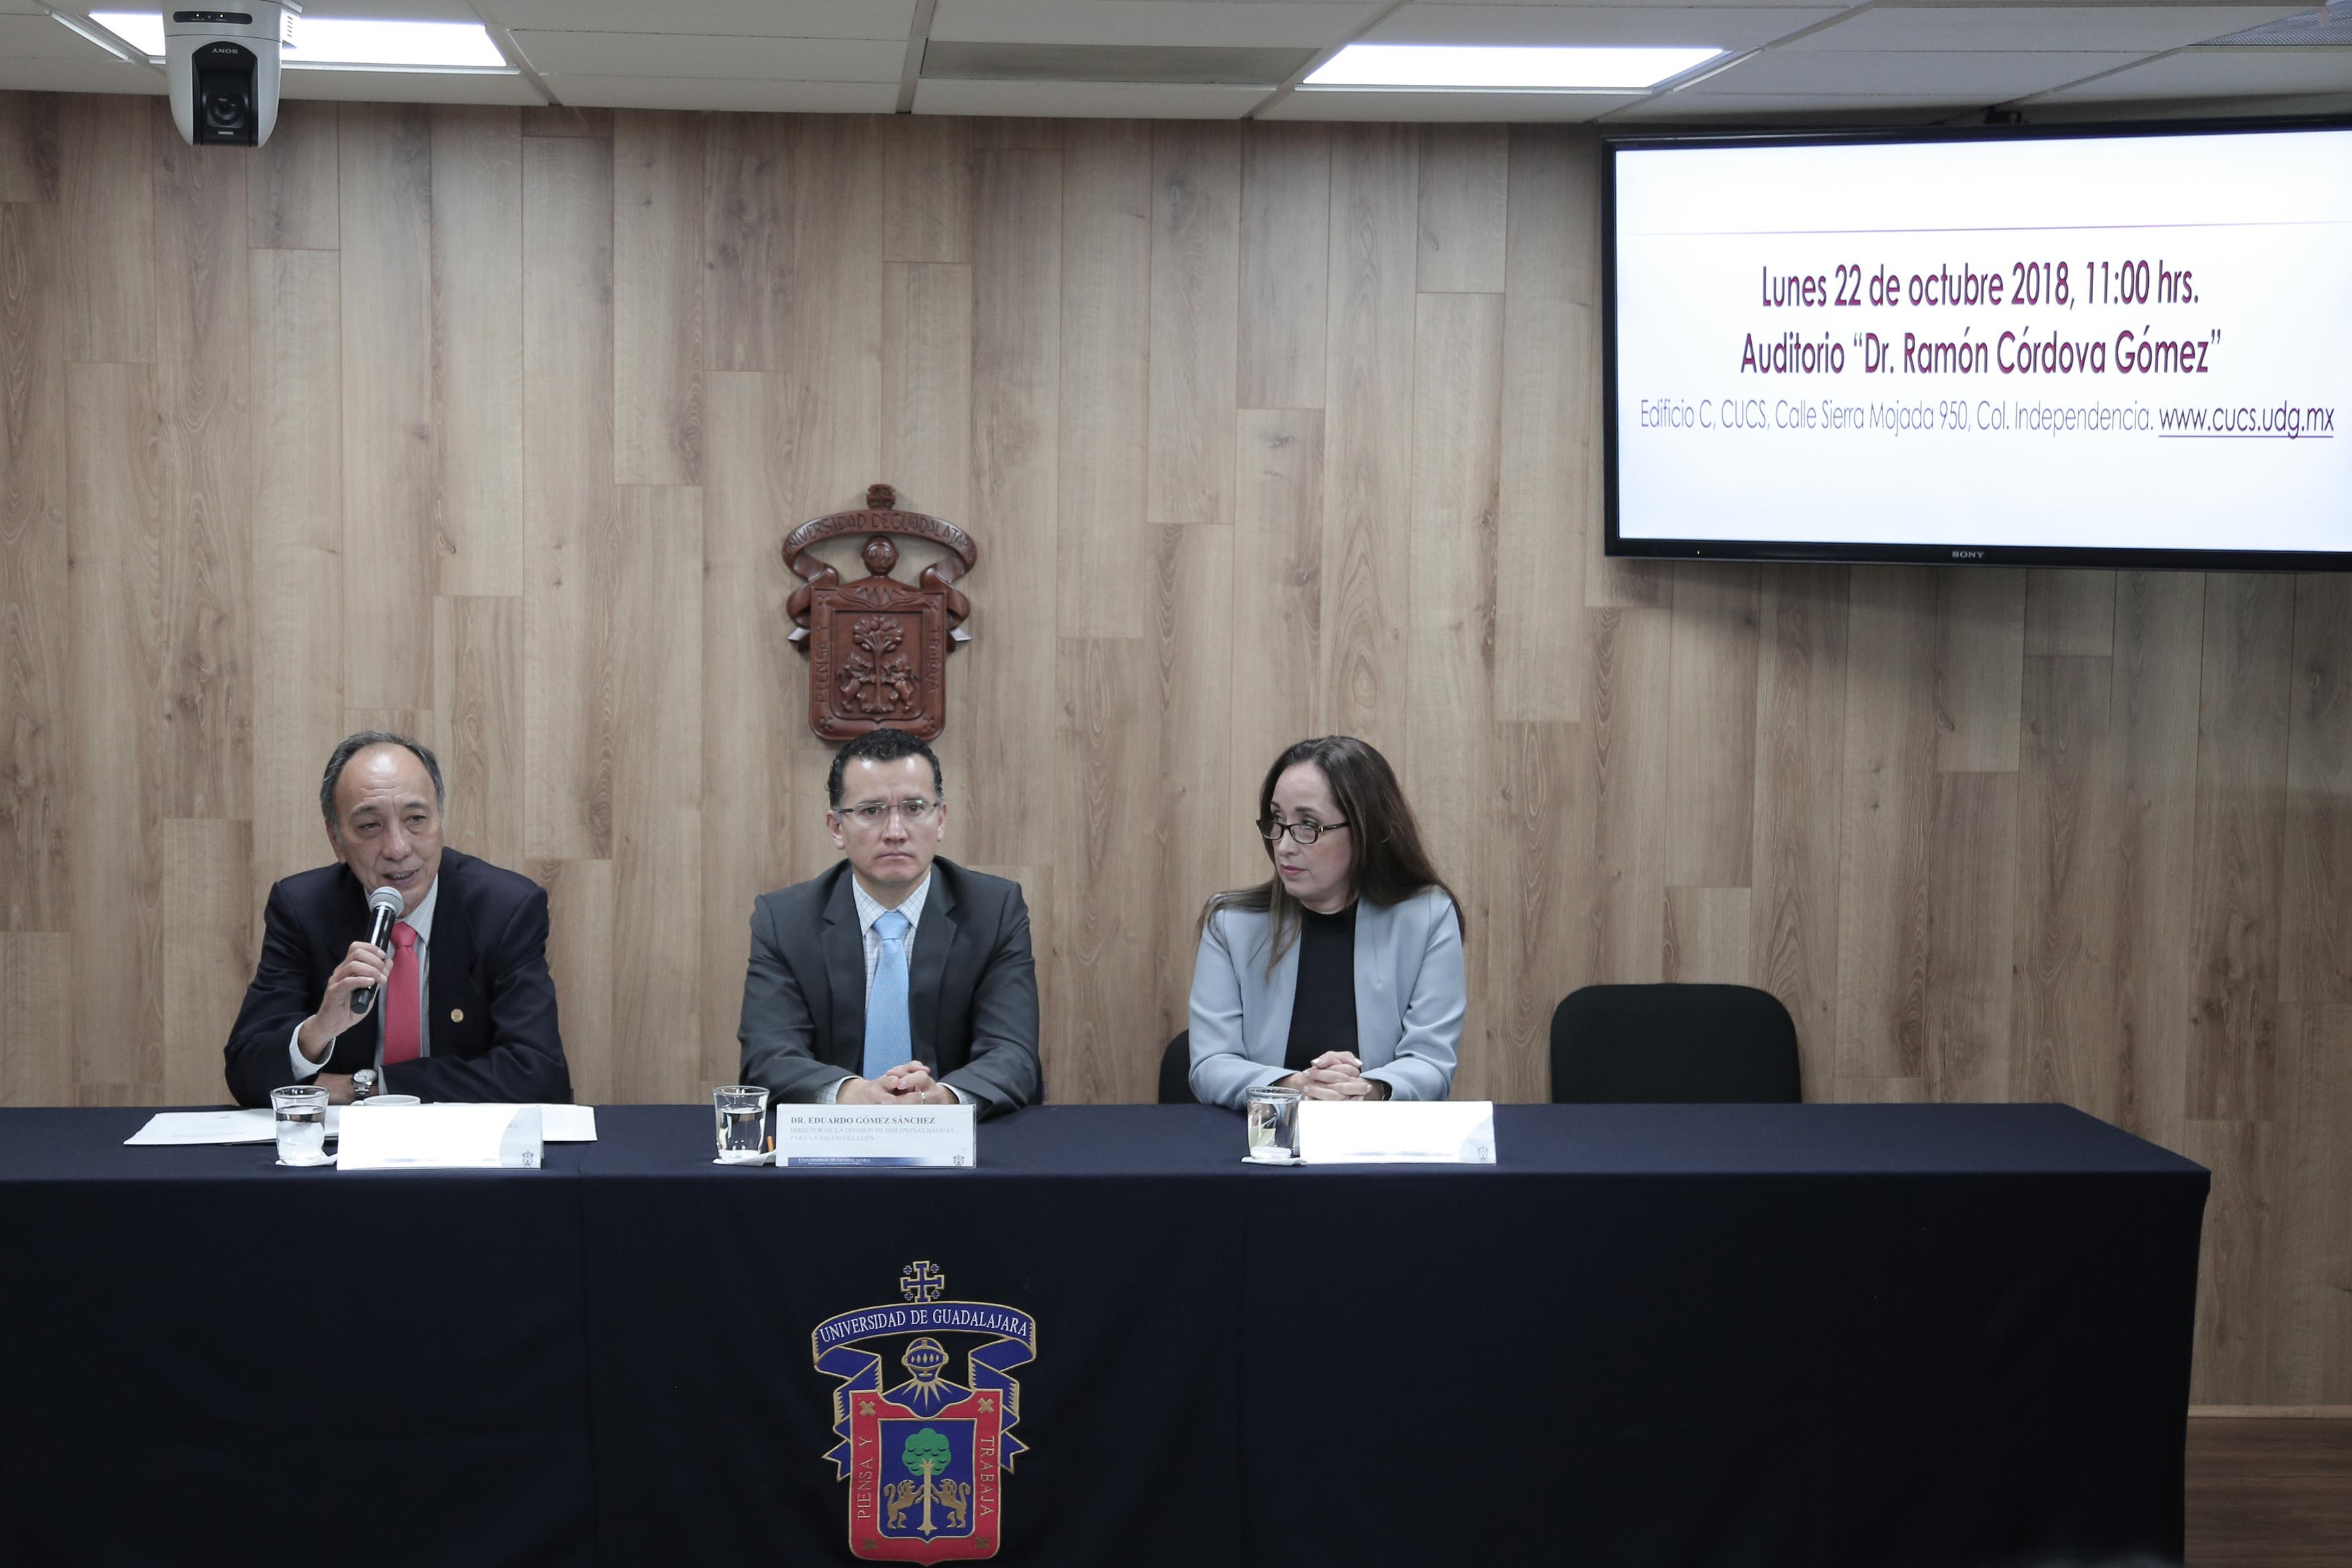 Miembros del presídium. Al micrófono Dr. Osmar Matsui